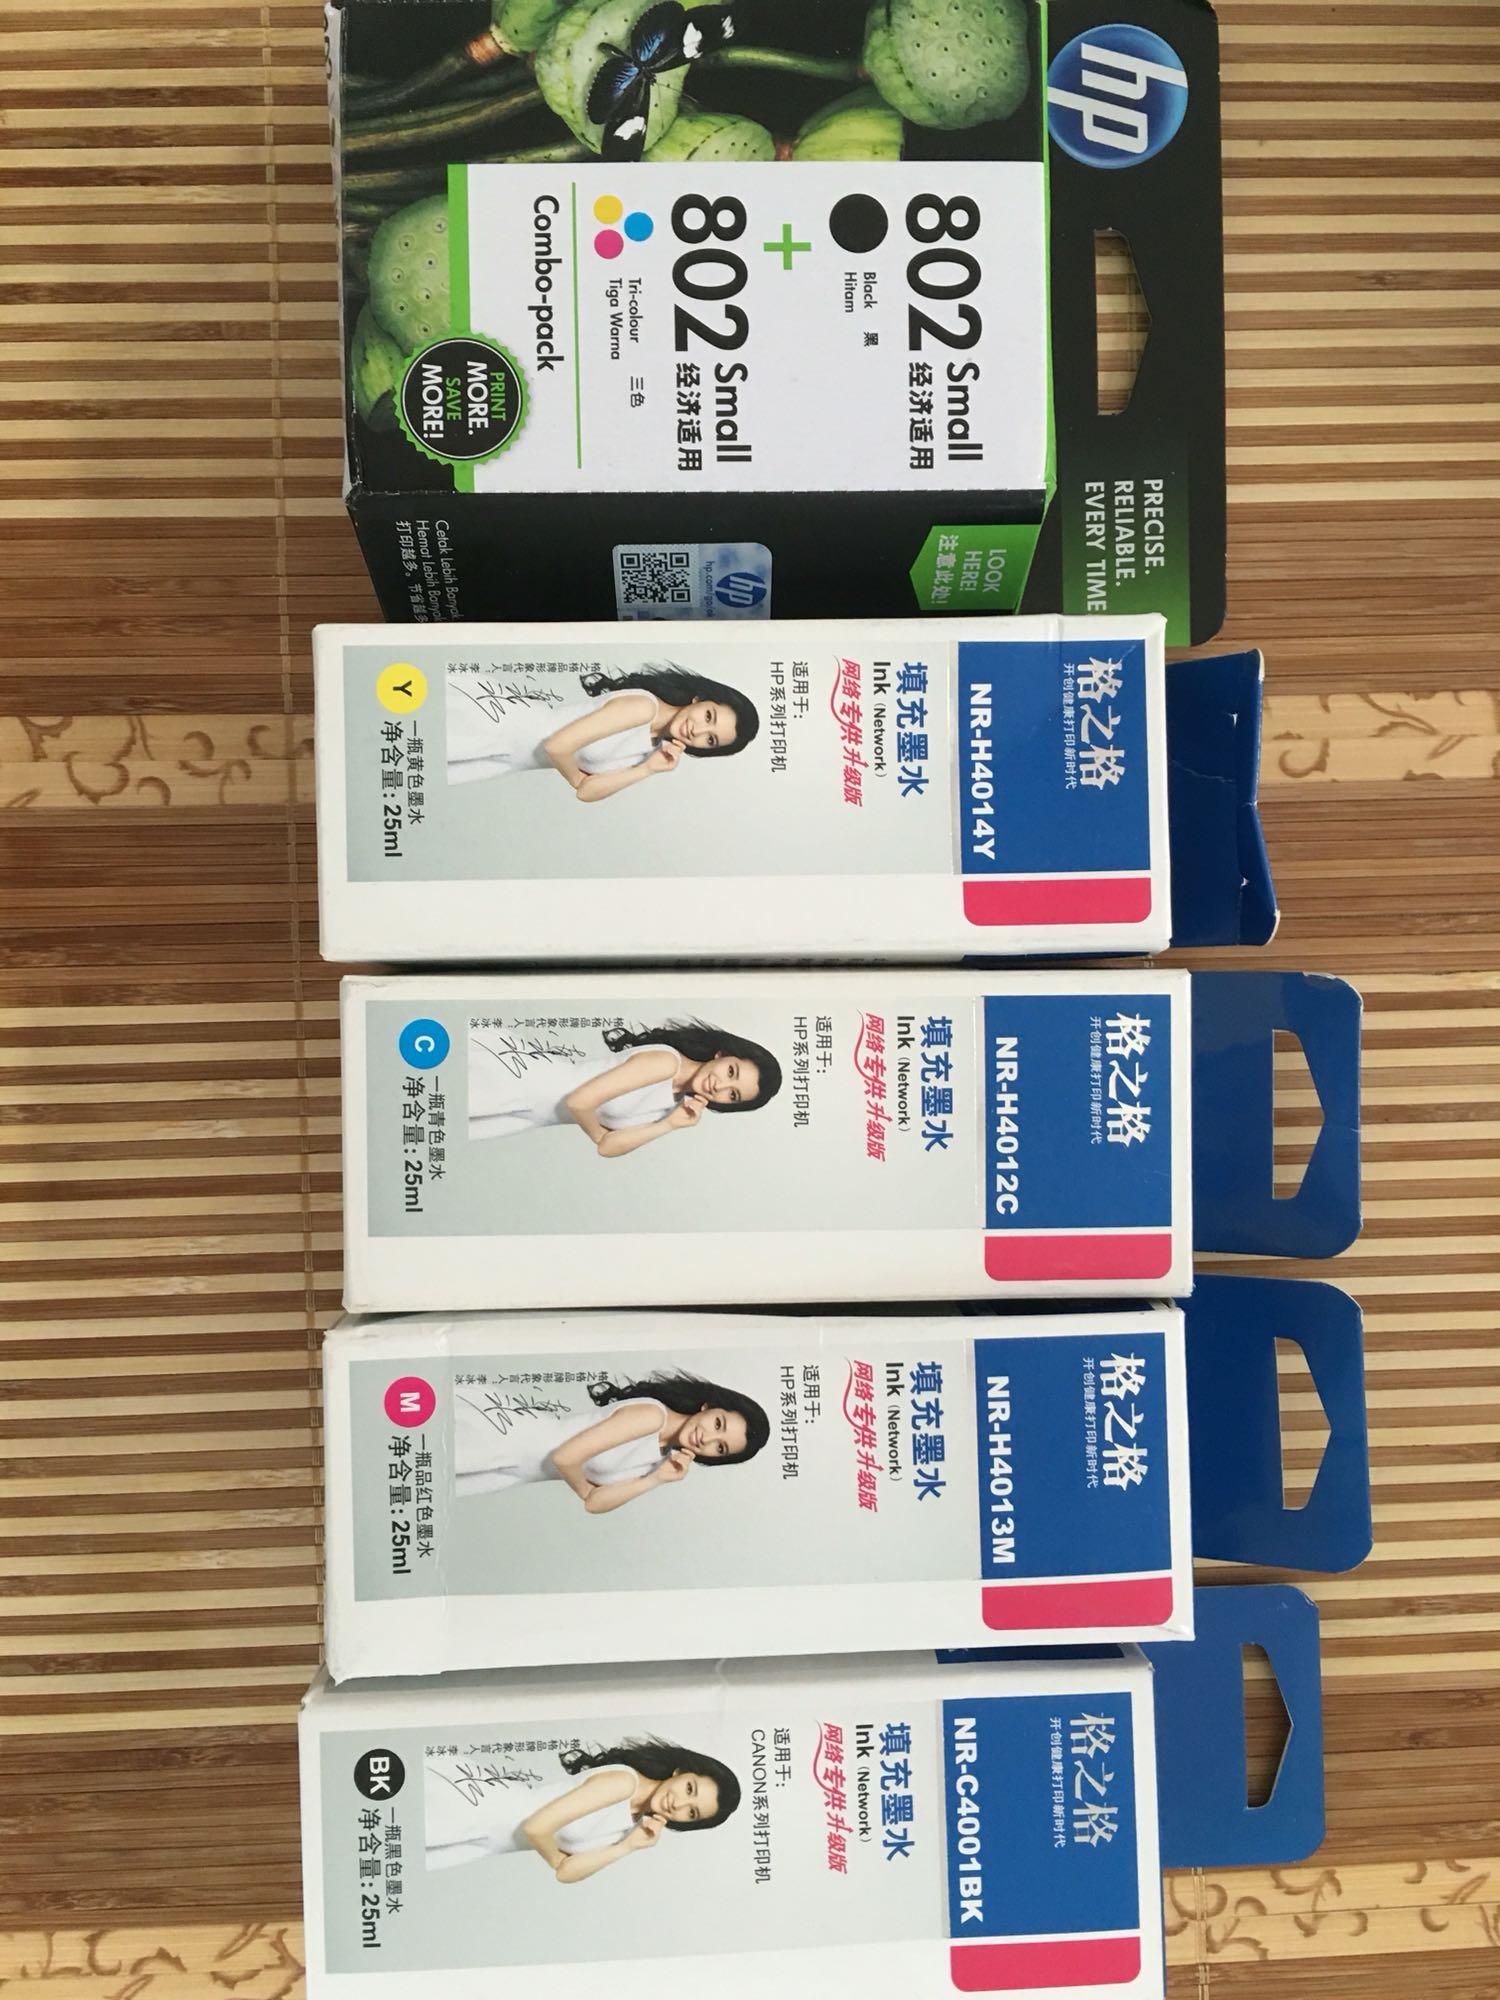 online boutiques australia dresses 00997595 outletonlineshop